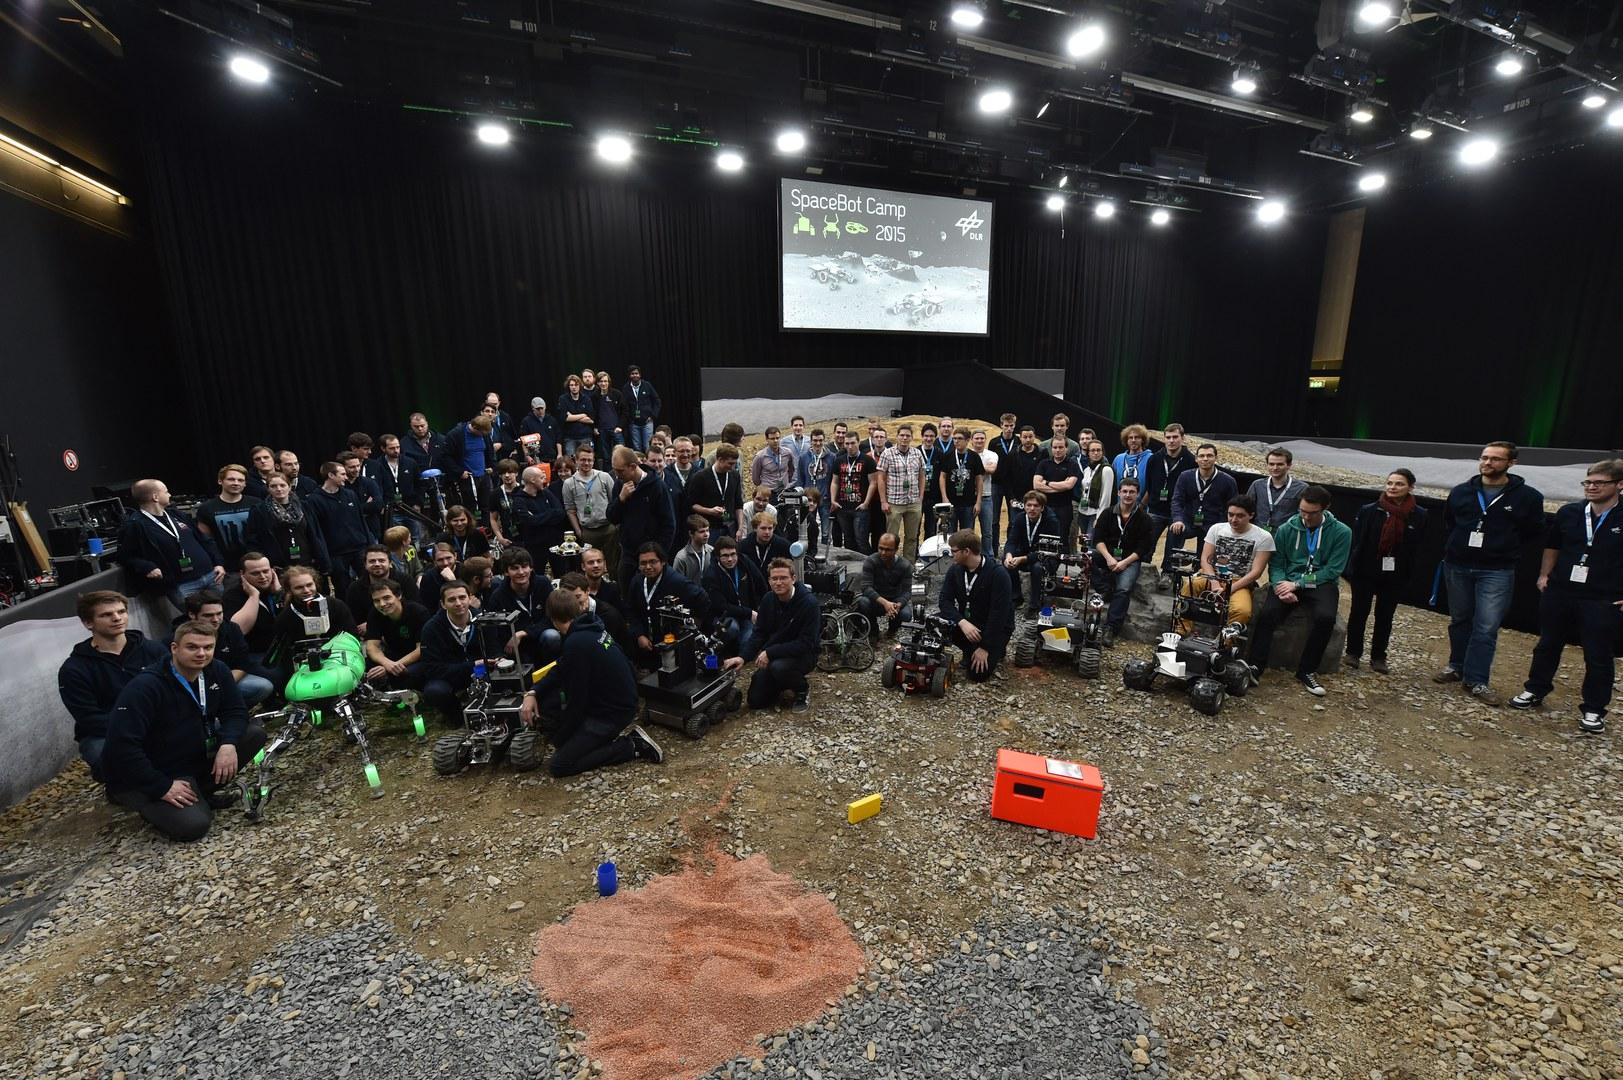 Das DLR SpaceBot Camp 2015: